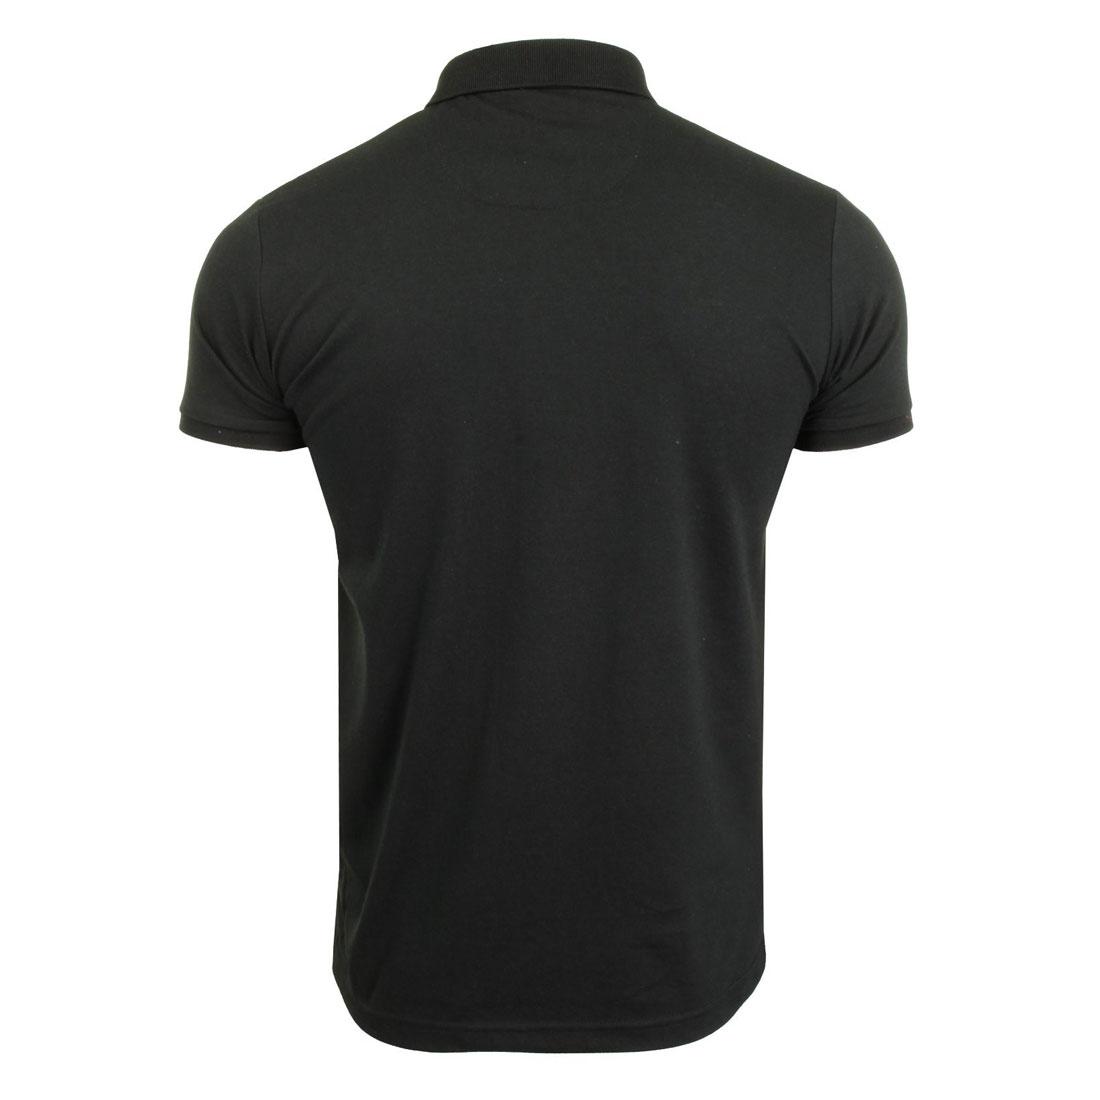 Brave-Soul-Hommes-Polo-T-Shirt-034-Julius-039-S-Coton-A-Col-Manches-Courtes-Haut-Decontracte miniature 20